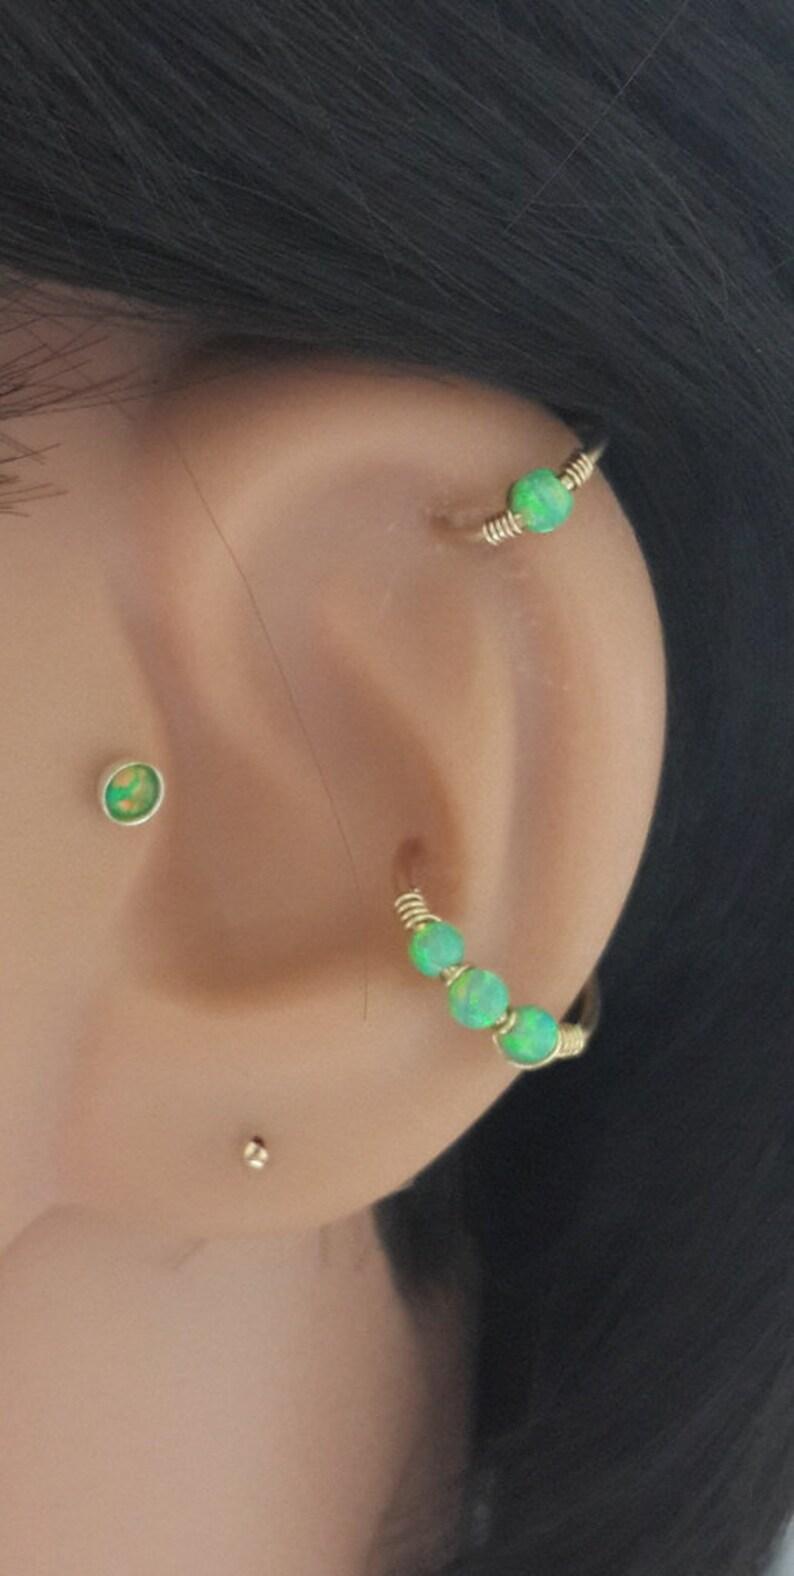 Fire Green Opal Conch Piercing Conch Earring Conch Jewelry Etsy